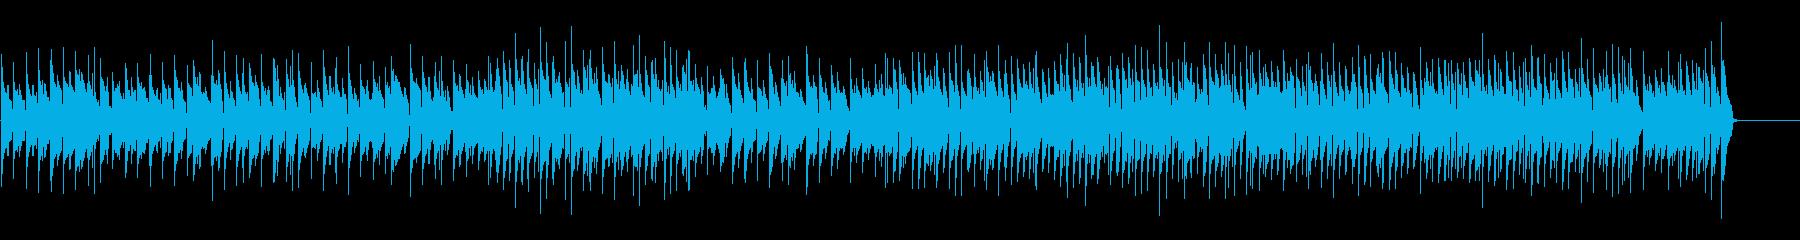 旅 紀行 CM 情報 ショッピングの再生済みの波形